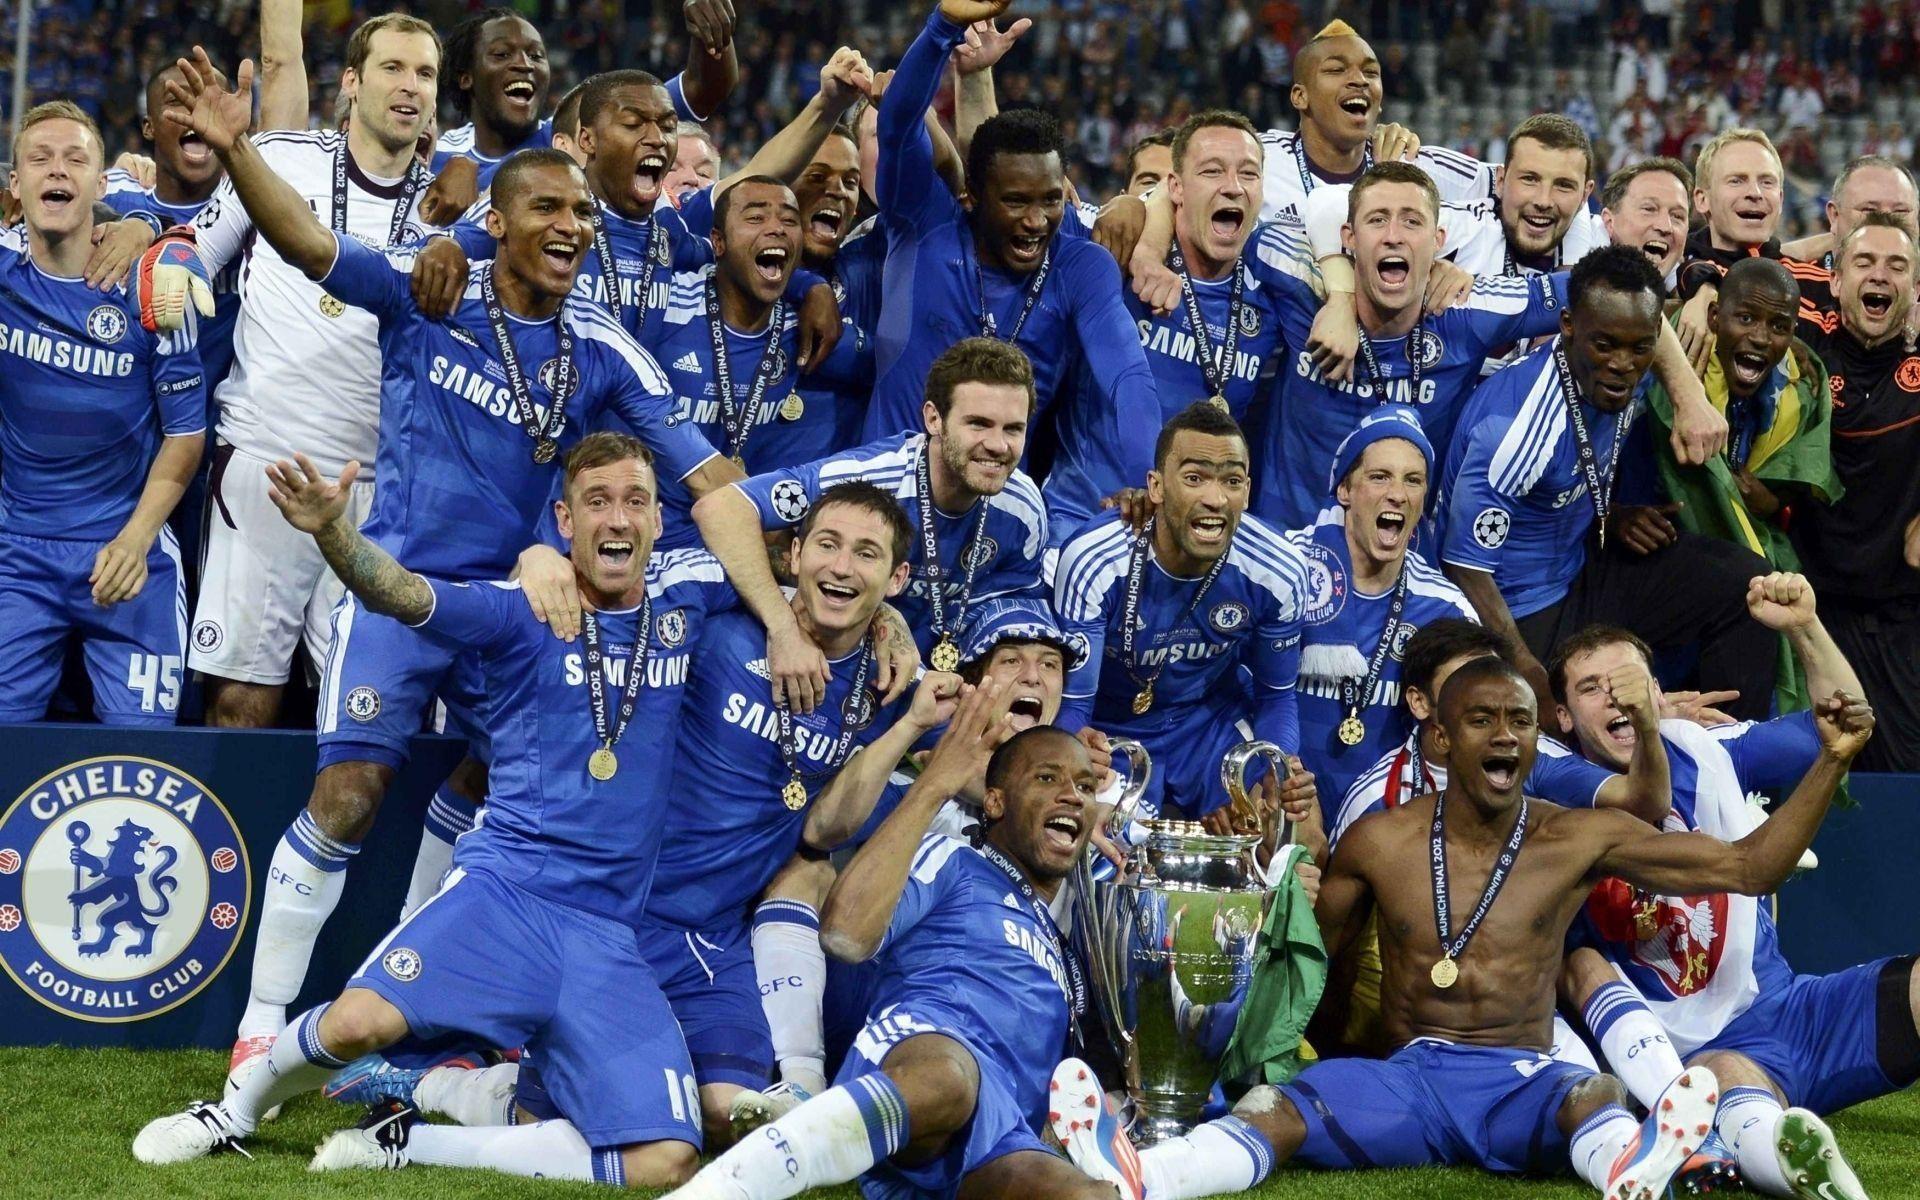 En 2012, el Chelsea FC se coronó campeón de la UEFA Champions League por primera y única vez ¿Qué entrenador estaba al mando?